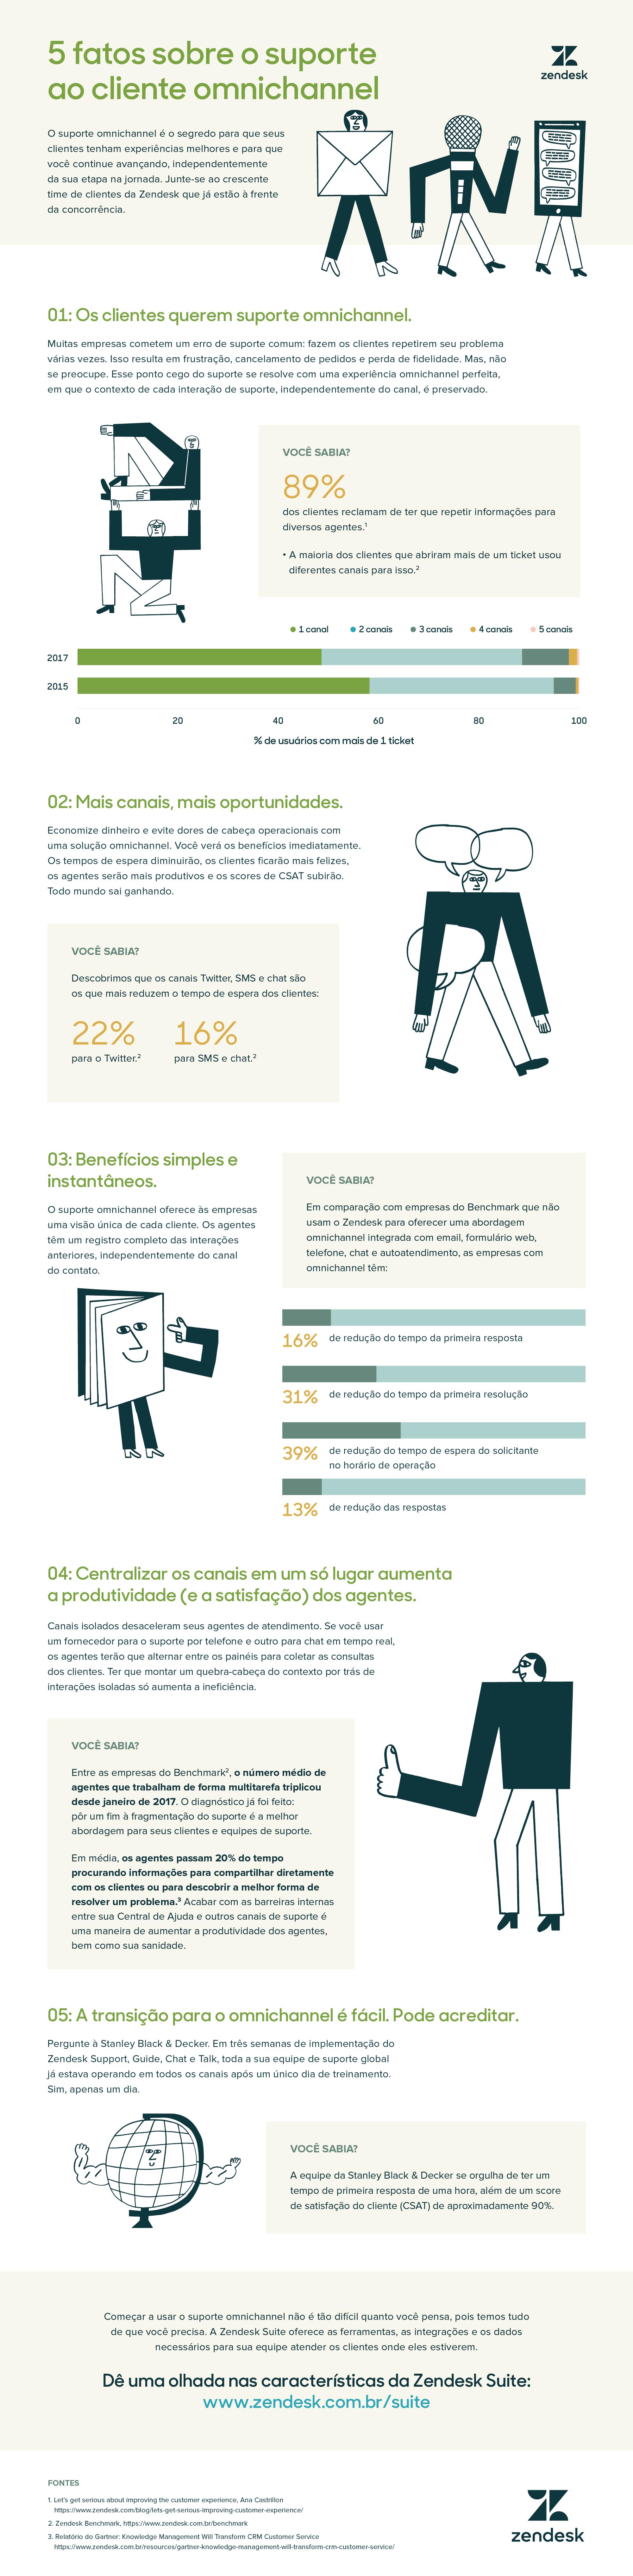 5 fatos sobre o suporte ao cliente omnichannel